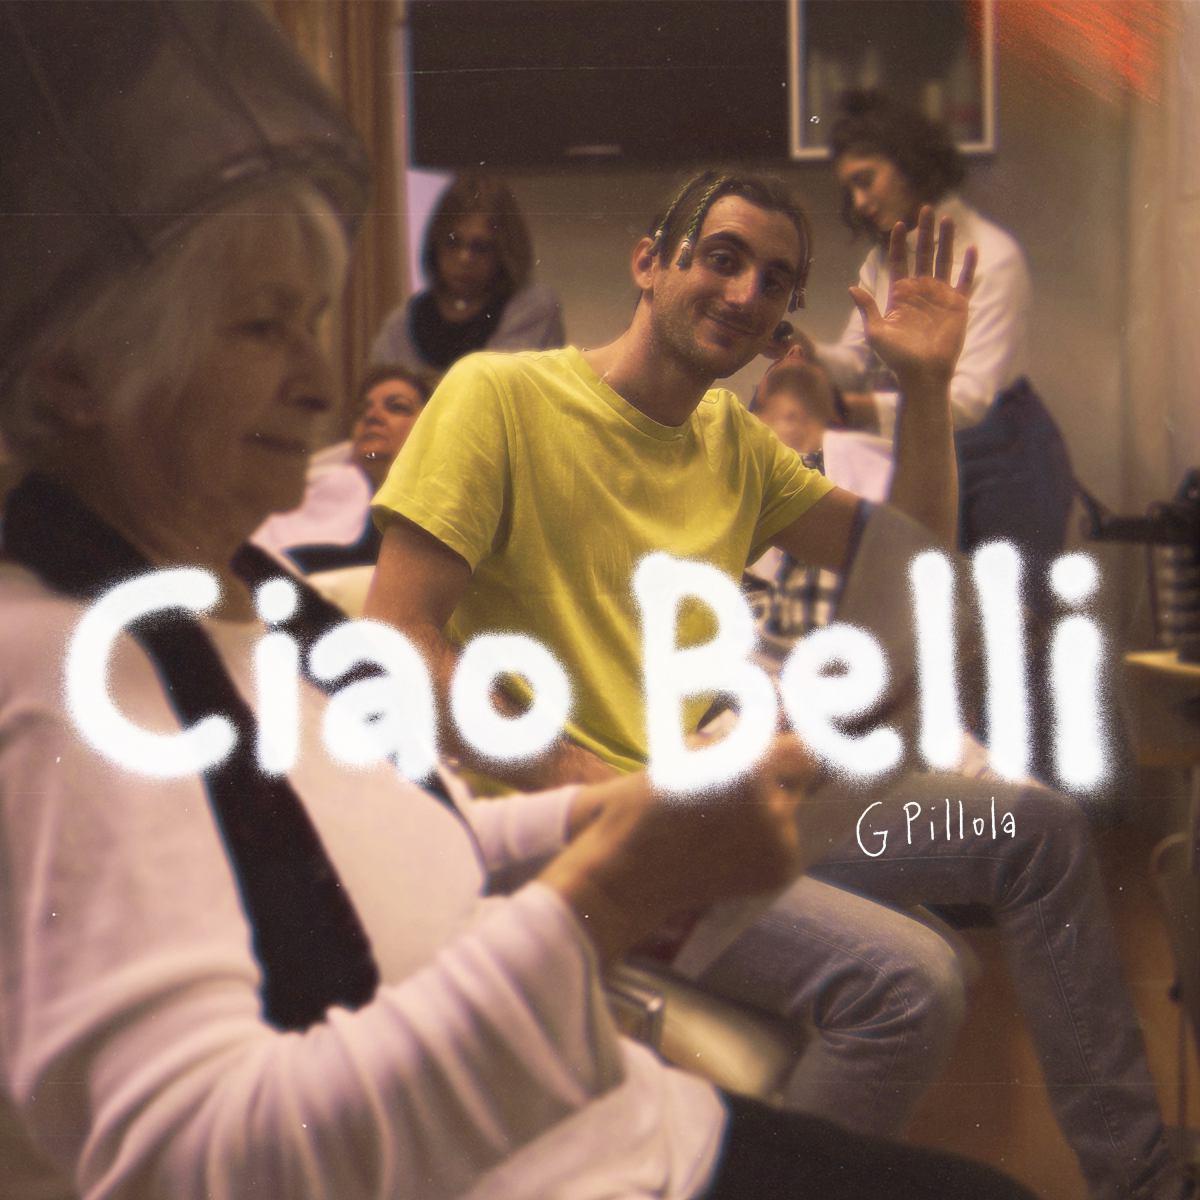 G Pillola pubblica il nuovo progetto musicale Ciao belli